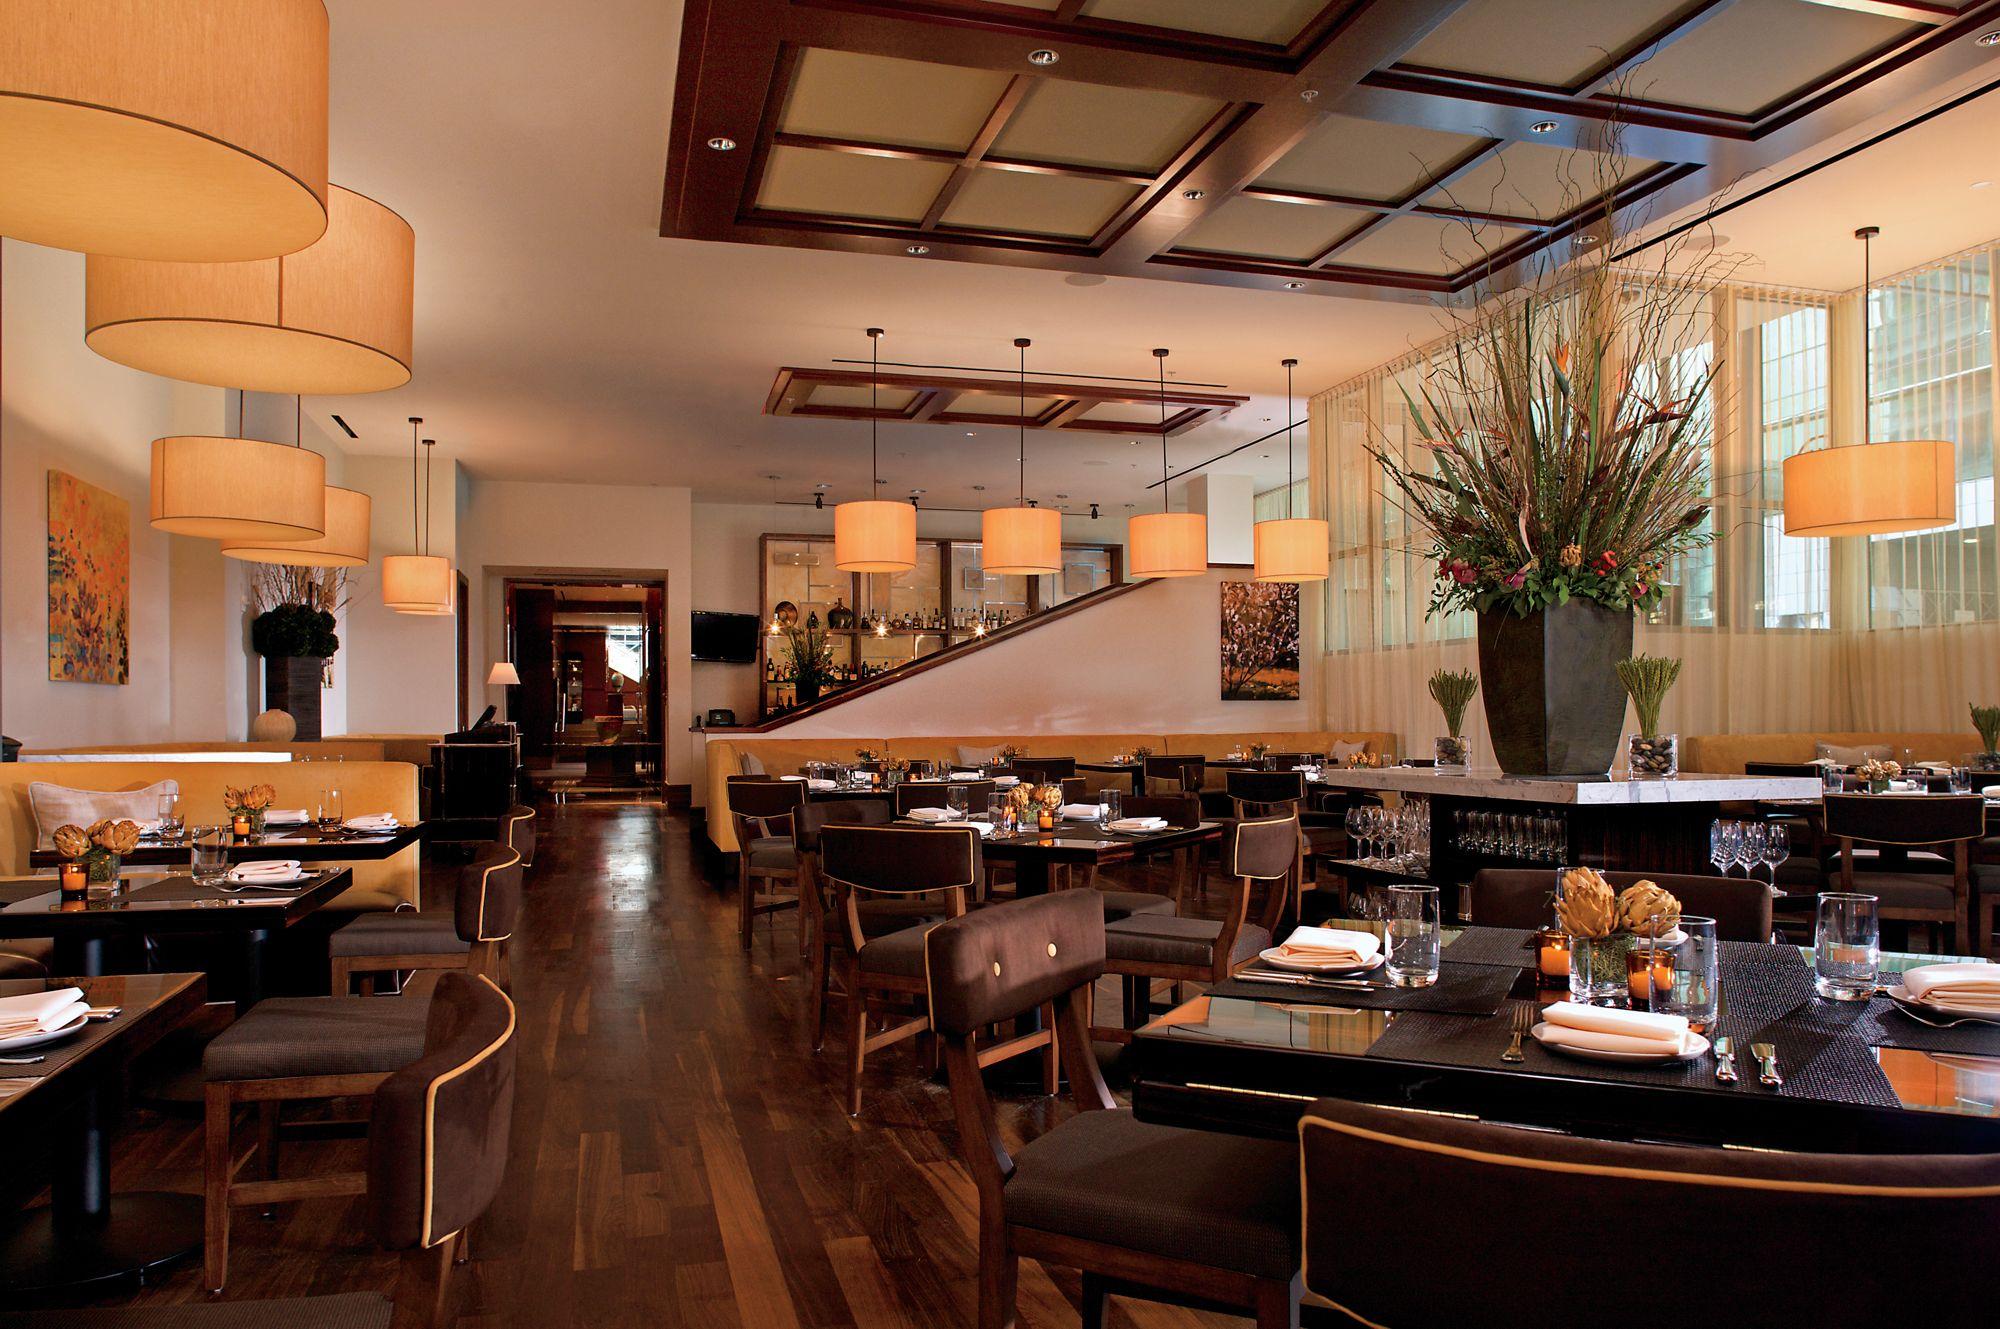 BLT Steak - Charlotte Steakhouses | The Ritz-Carlton